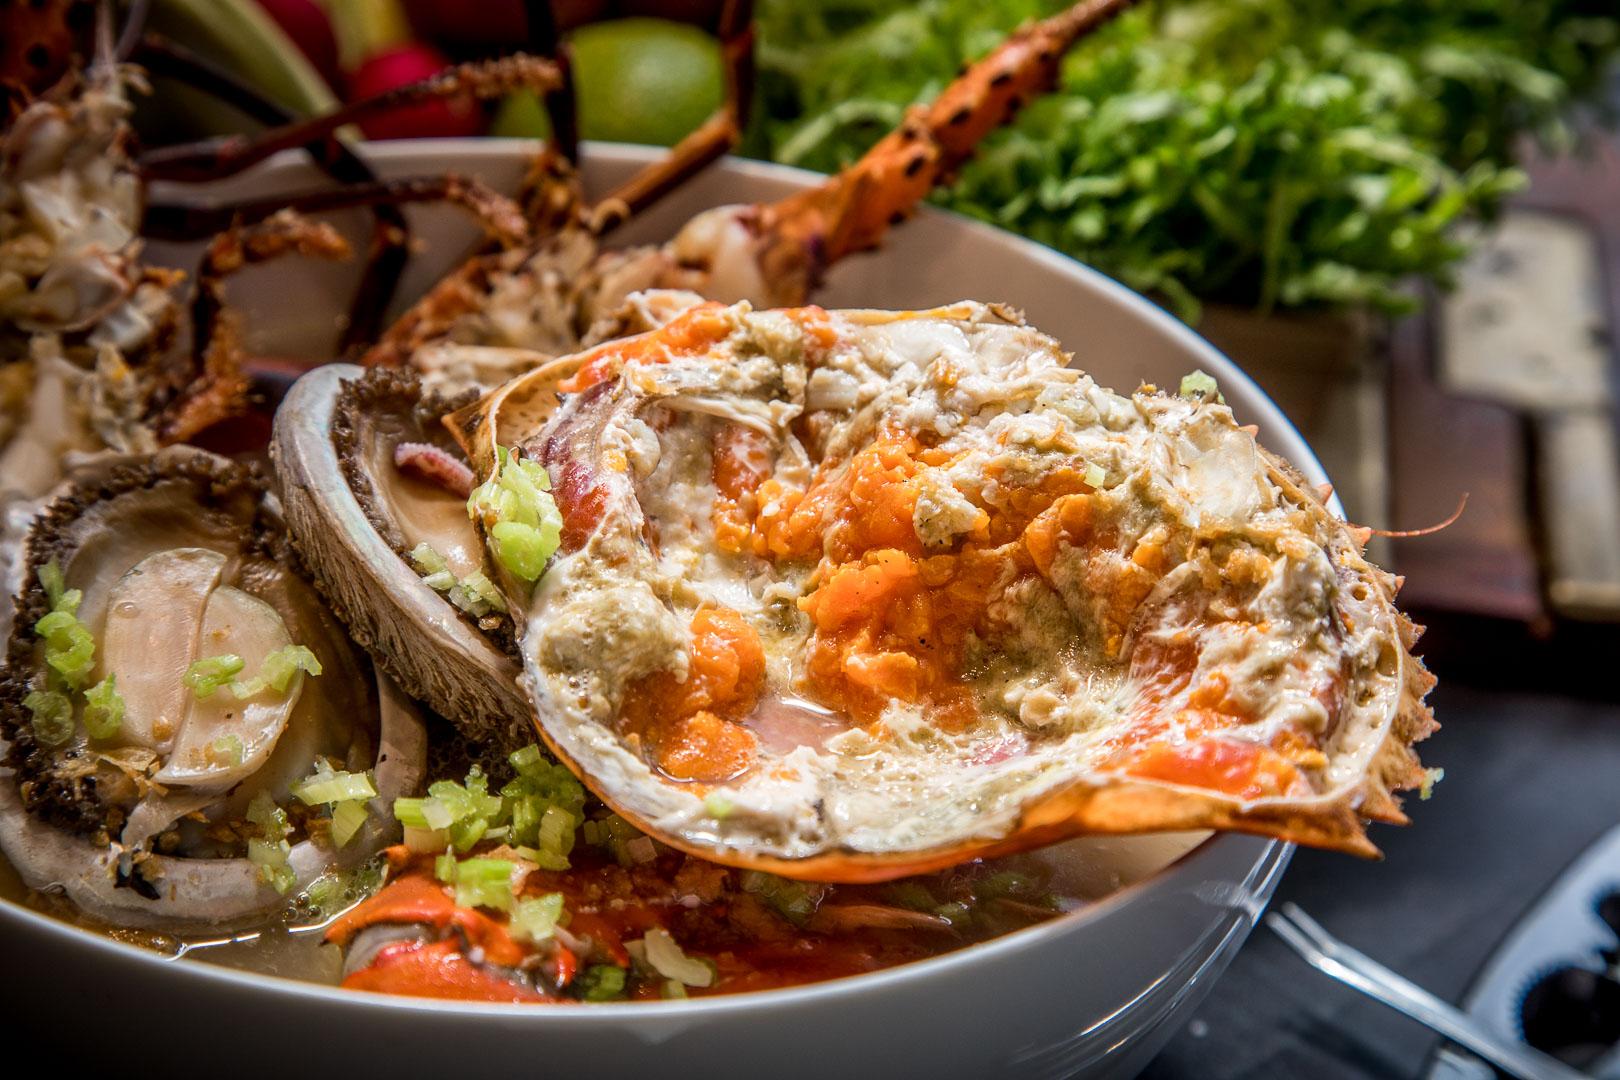 台北美食 》A.I.O餐廳 這樣煮粥太犯規了啦,超級無敵浮誇海鮮粥!碳烤龍蝦還買一送一!